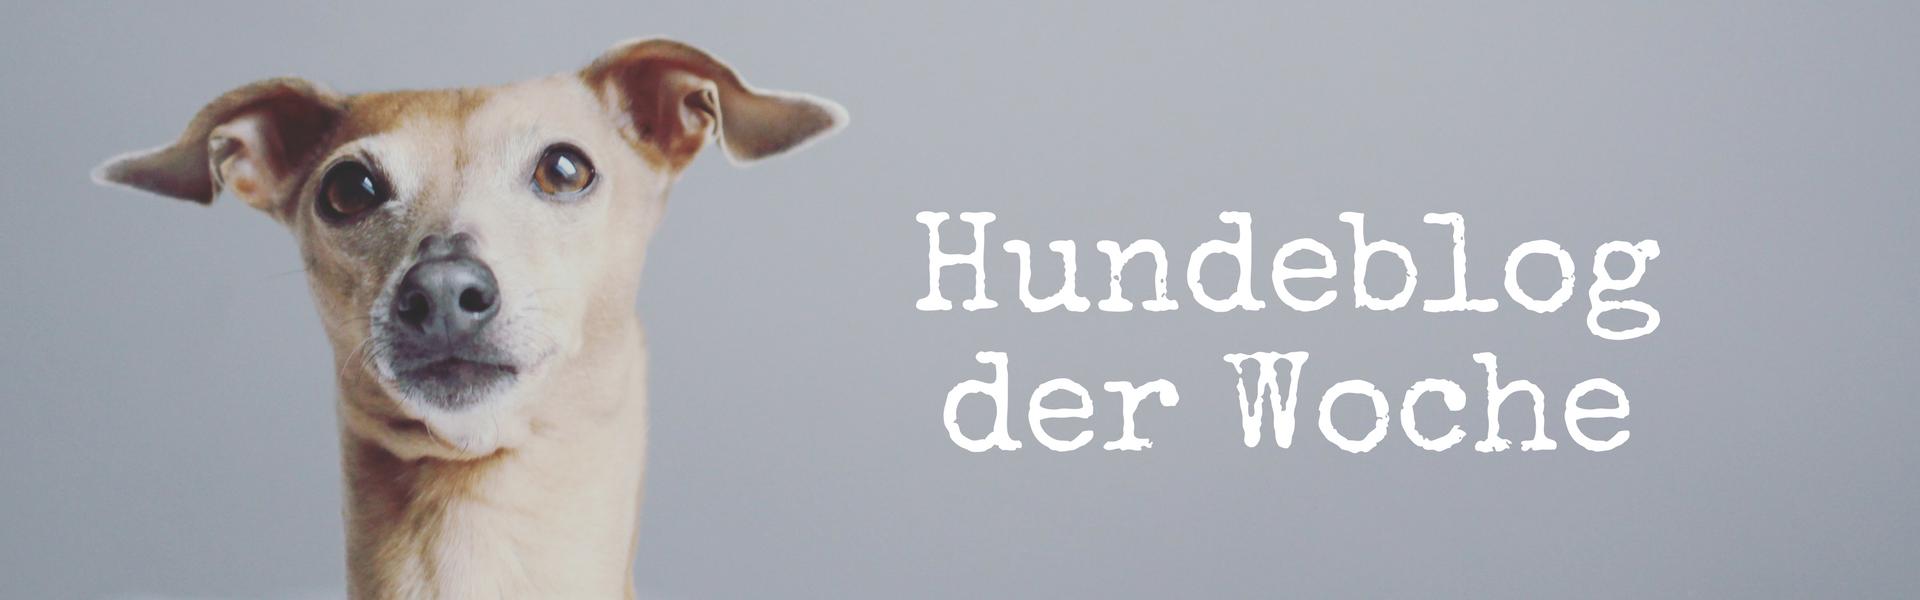 Blog Community miDoggy Hundeblog der Woche 2